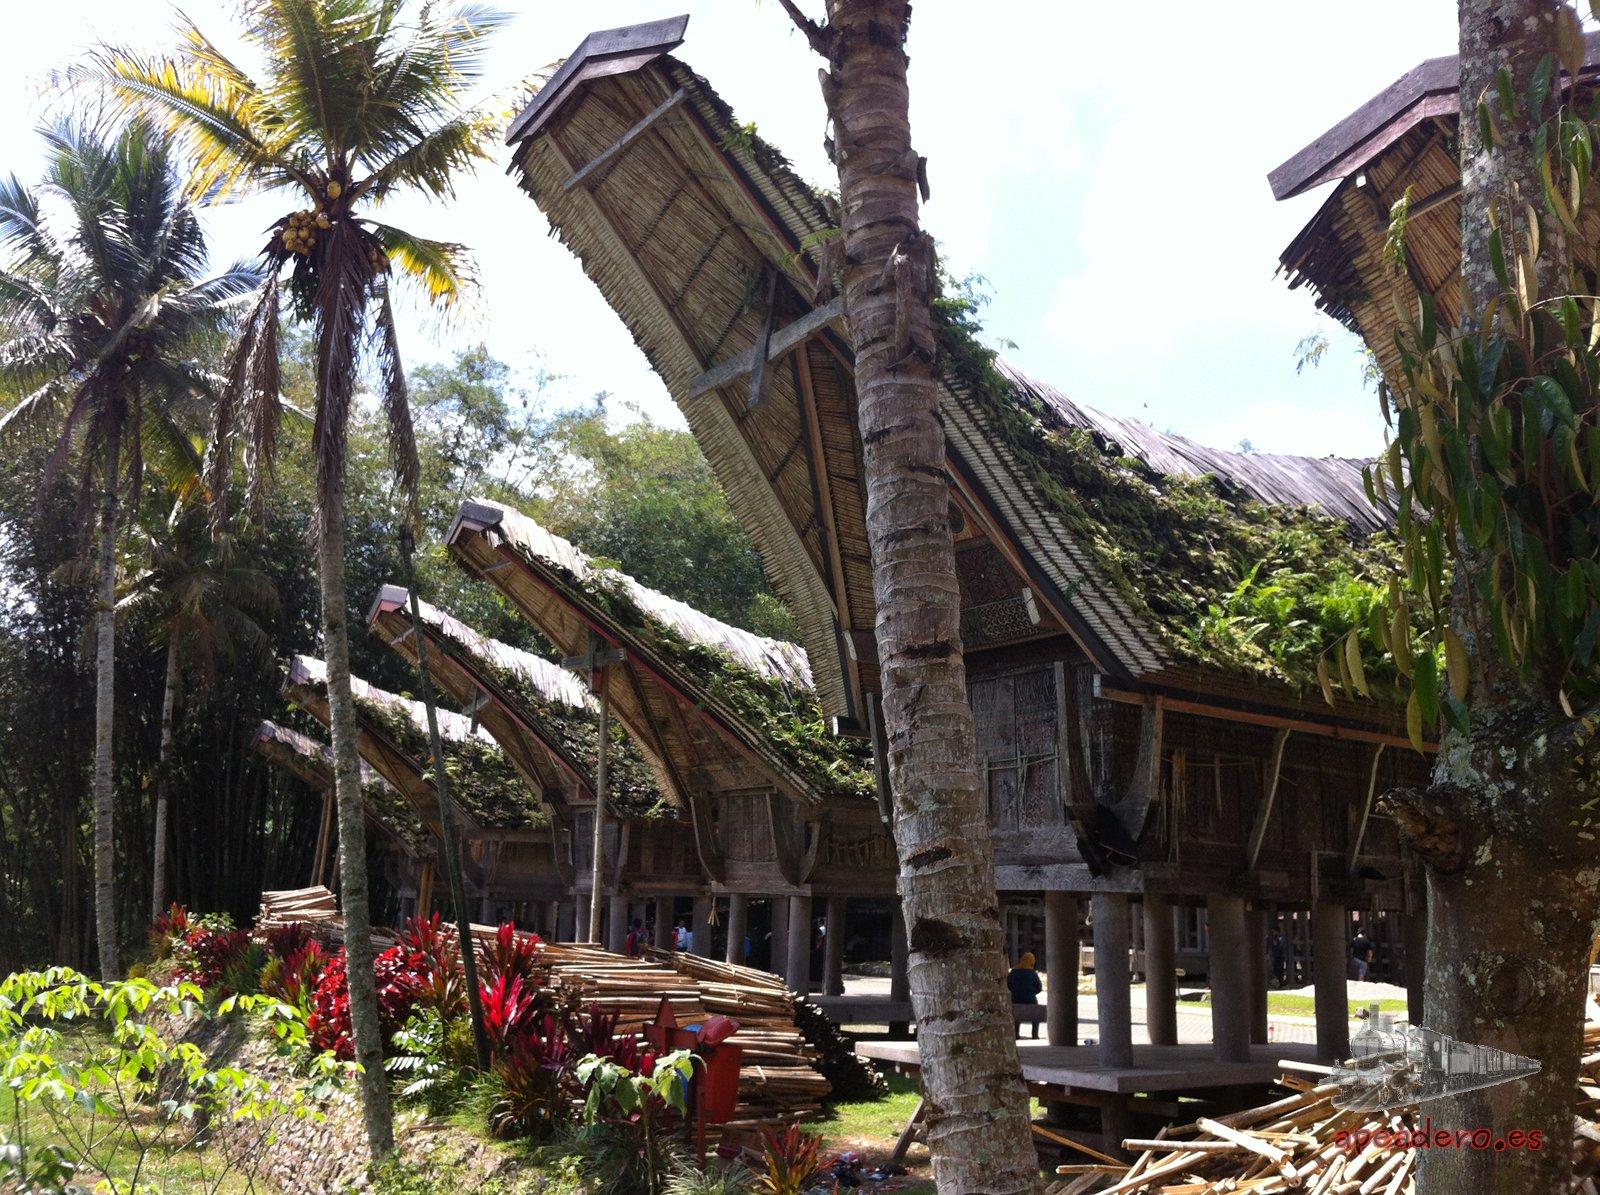 Las vivienda de los Toraja son otro de los motivos para visitar esta zona. Se cuenta que tienen forma de barco porque echaban de menos las costas de Sulawesi de dónde fueron expulsados.